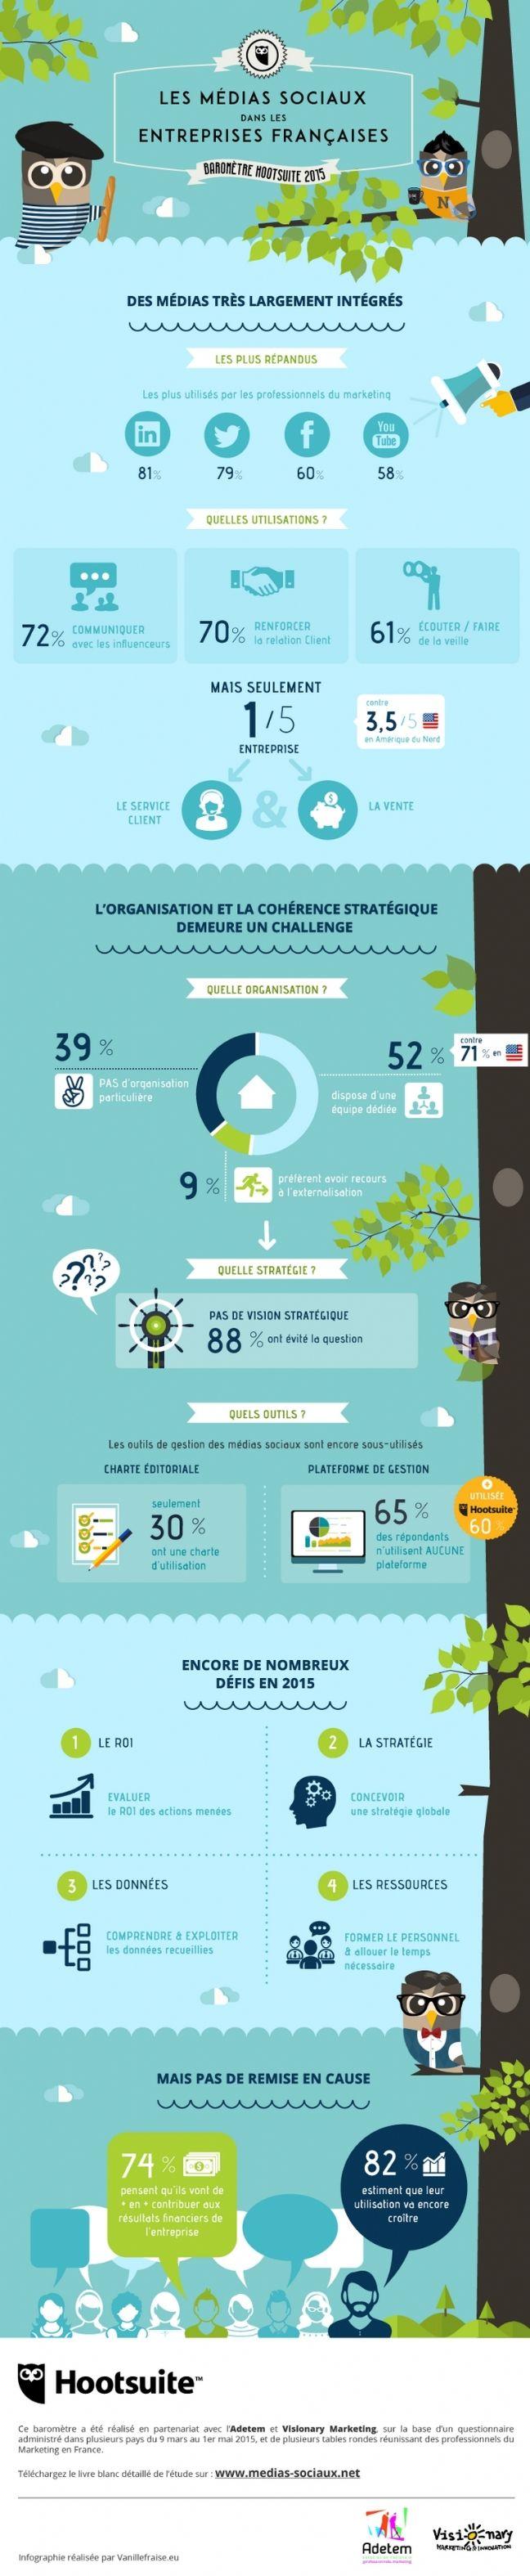 4 défis à relever pour déployer une stratégie #sociale pertinente. by Emarketing.fr . Être présent sur les médias sociaux, c'est bien, et c'est une réalité pour 93% des entreprises françaises. Mais cela ne suffit pas à en faire un levier marketing efficace. Voici 4 défis à relever pour déployer une stratégie sociale pertinente.